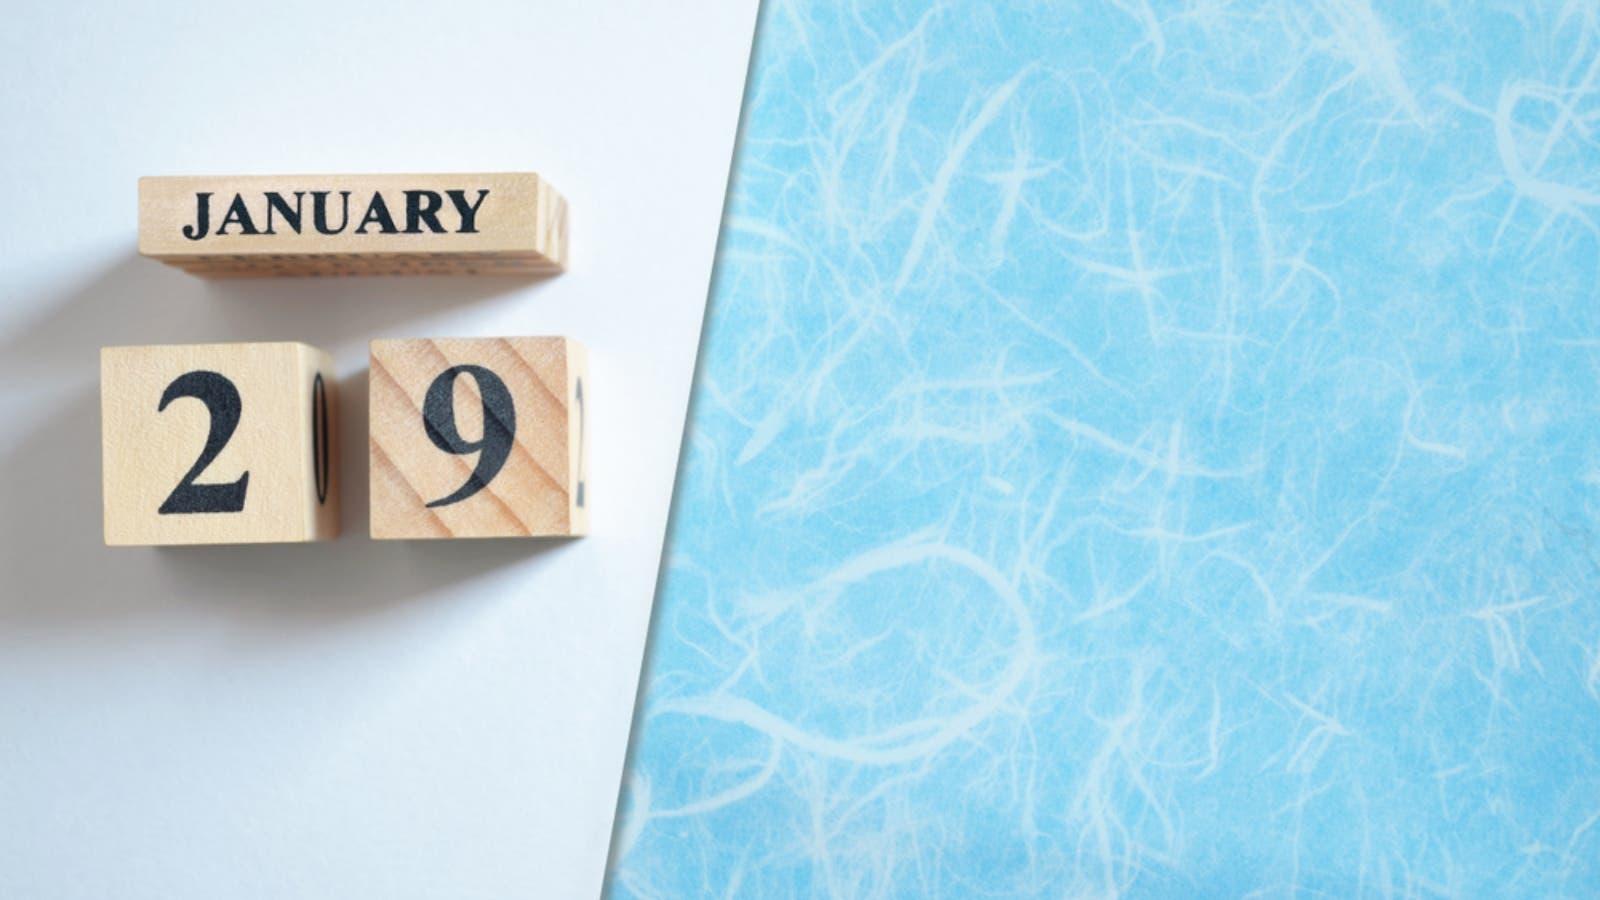 حظك اليوم مع الأبراج الأربعاء 29 يناير/كانون الثاني 2020